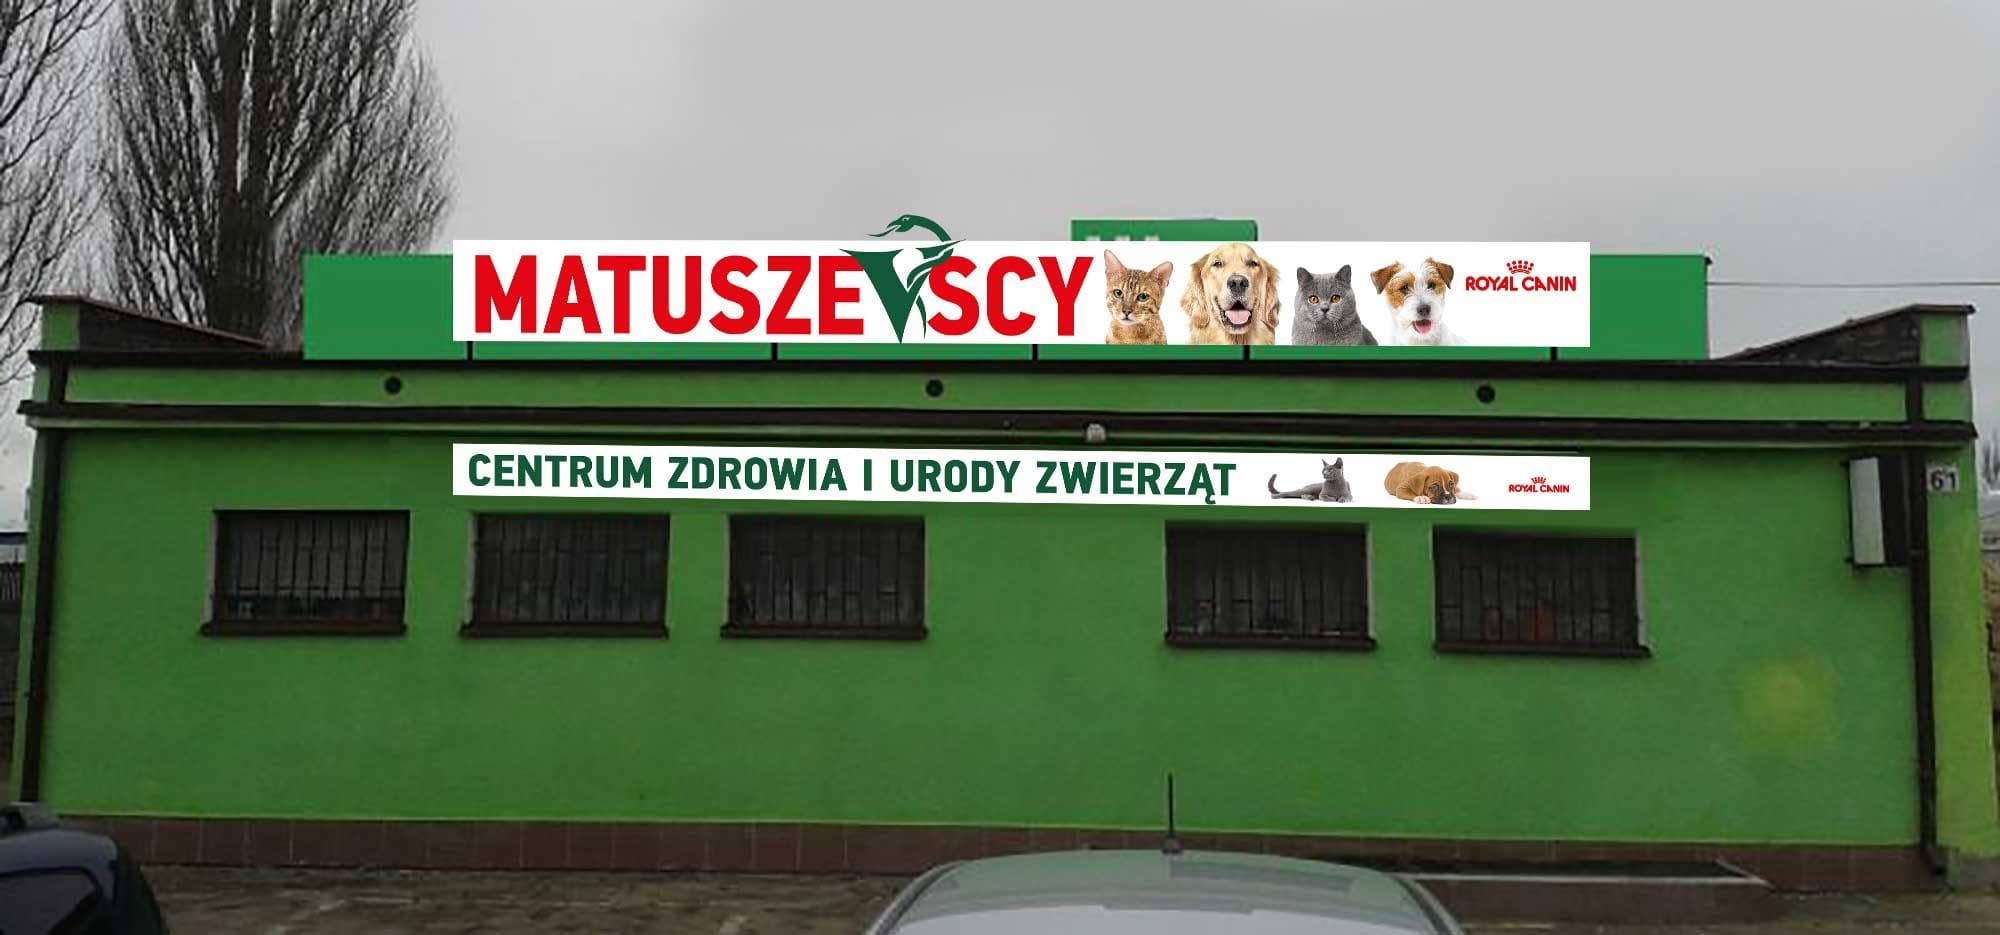 matuszevscy